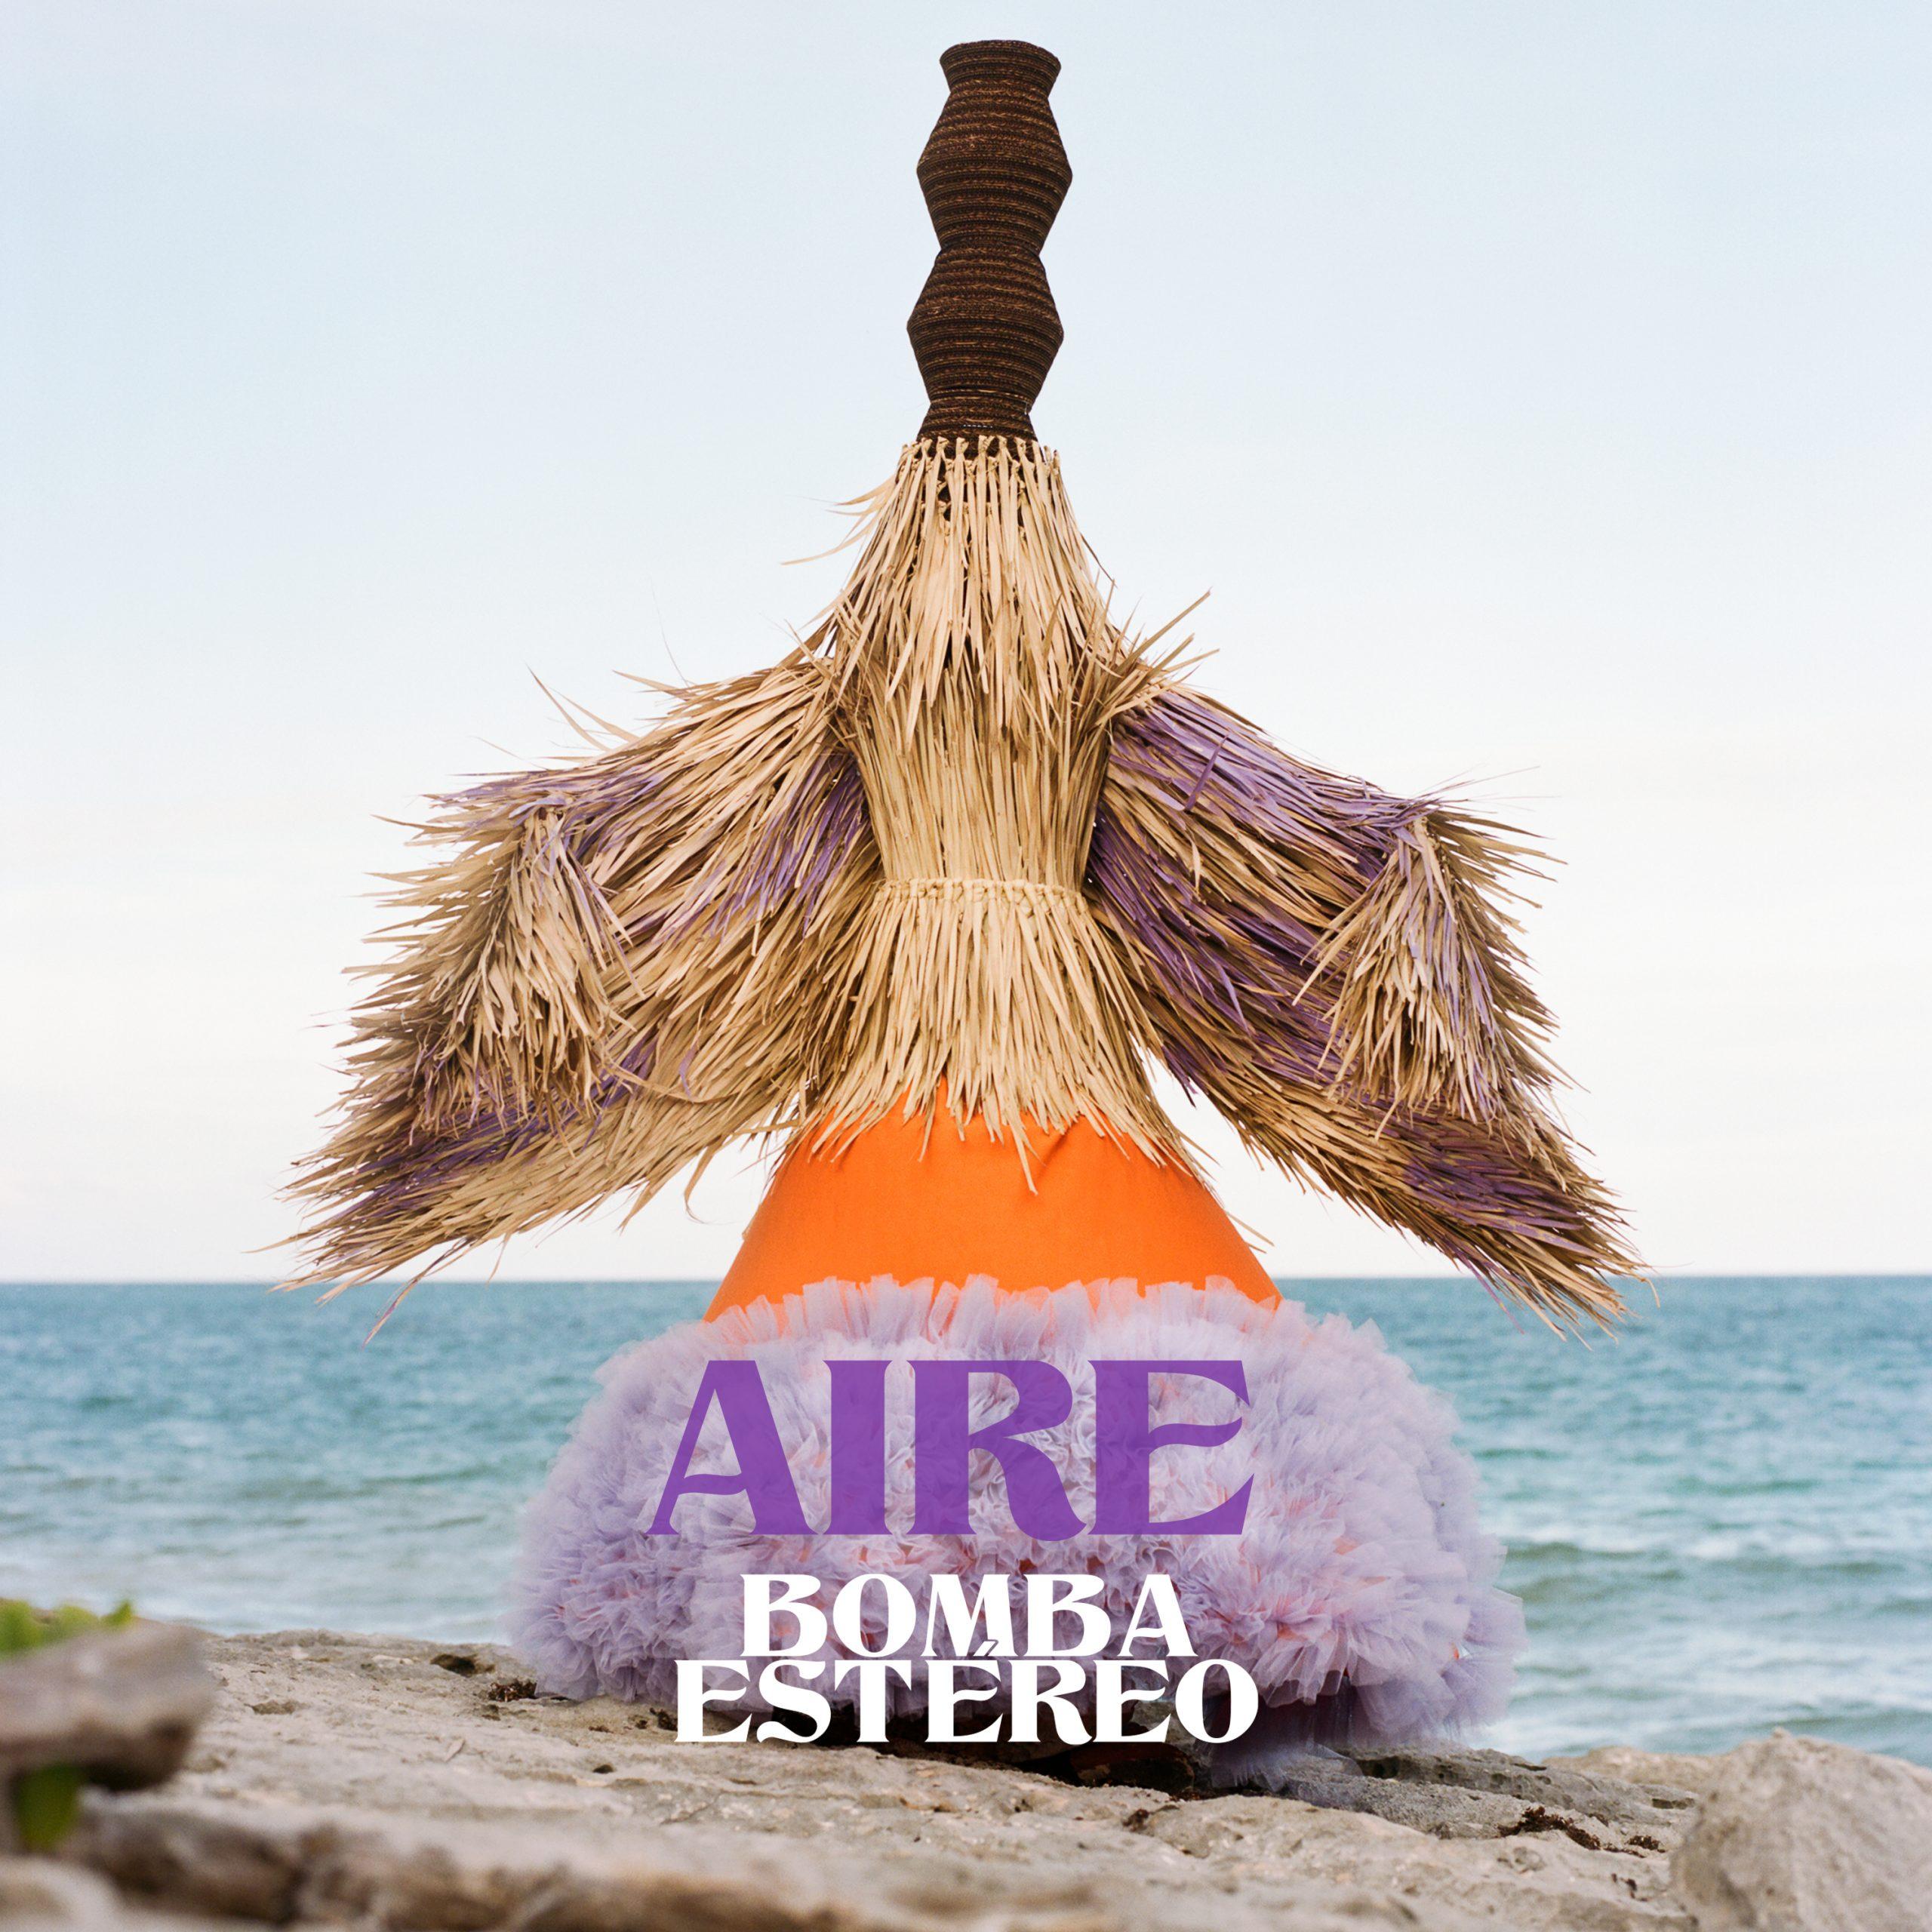 Bomba Estéreo se luce estrenando el EP 'Aire'